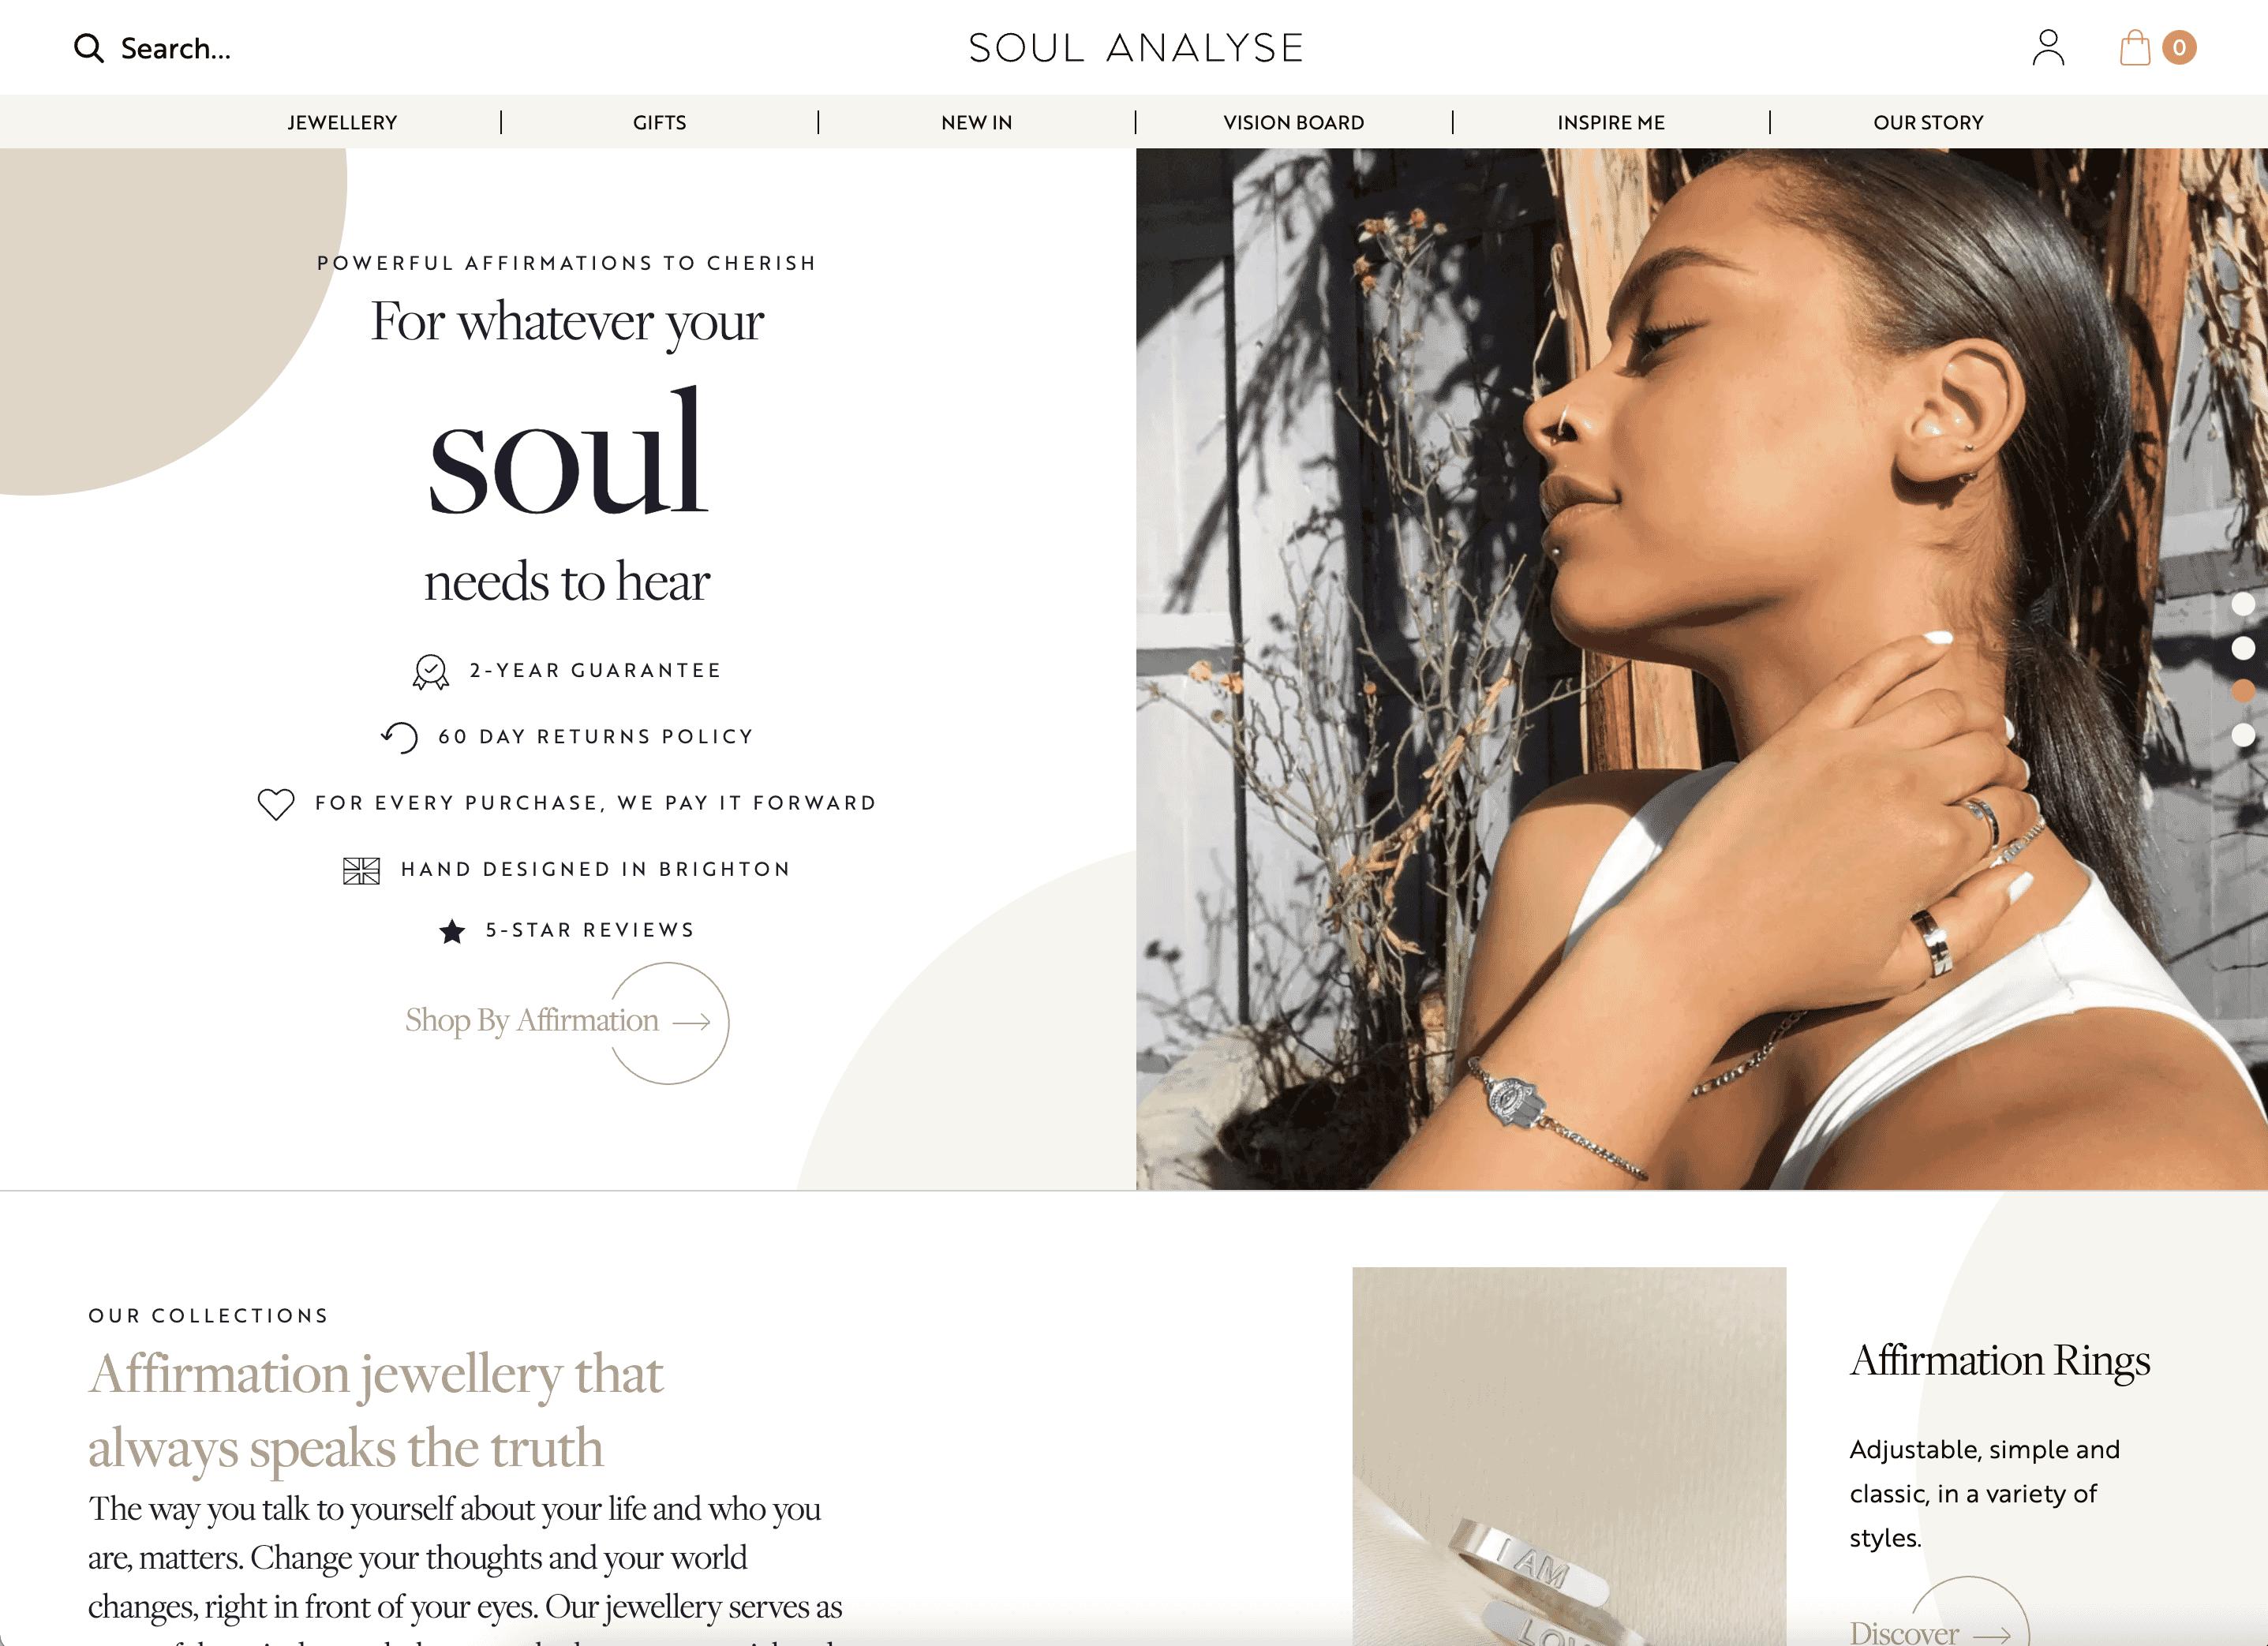 opening-image-soul-analyse